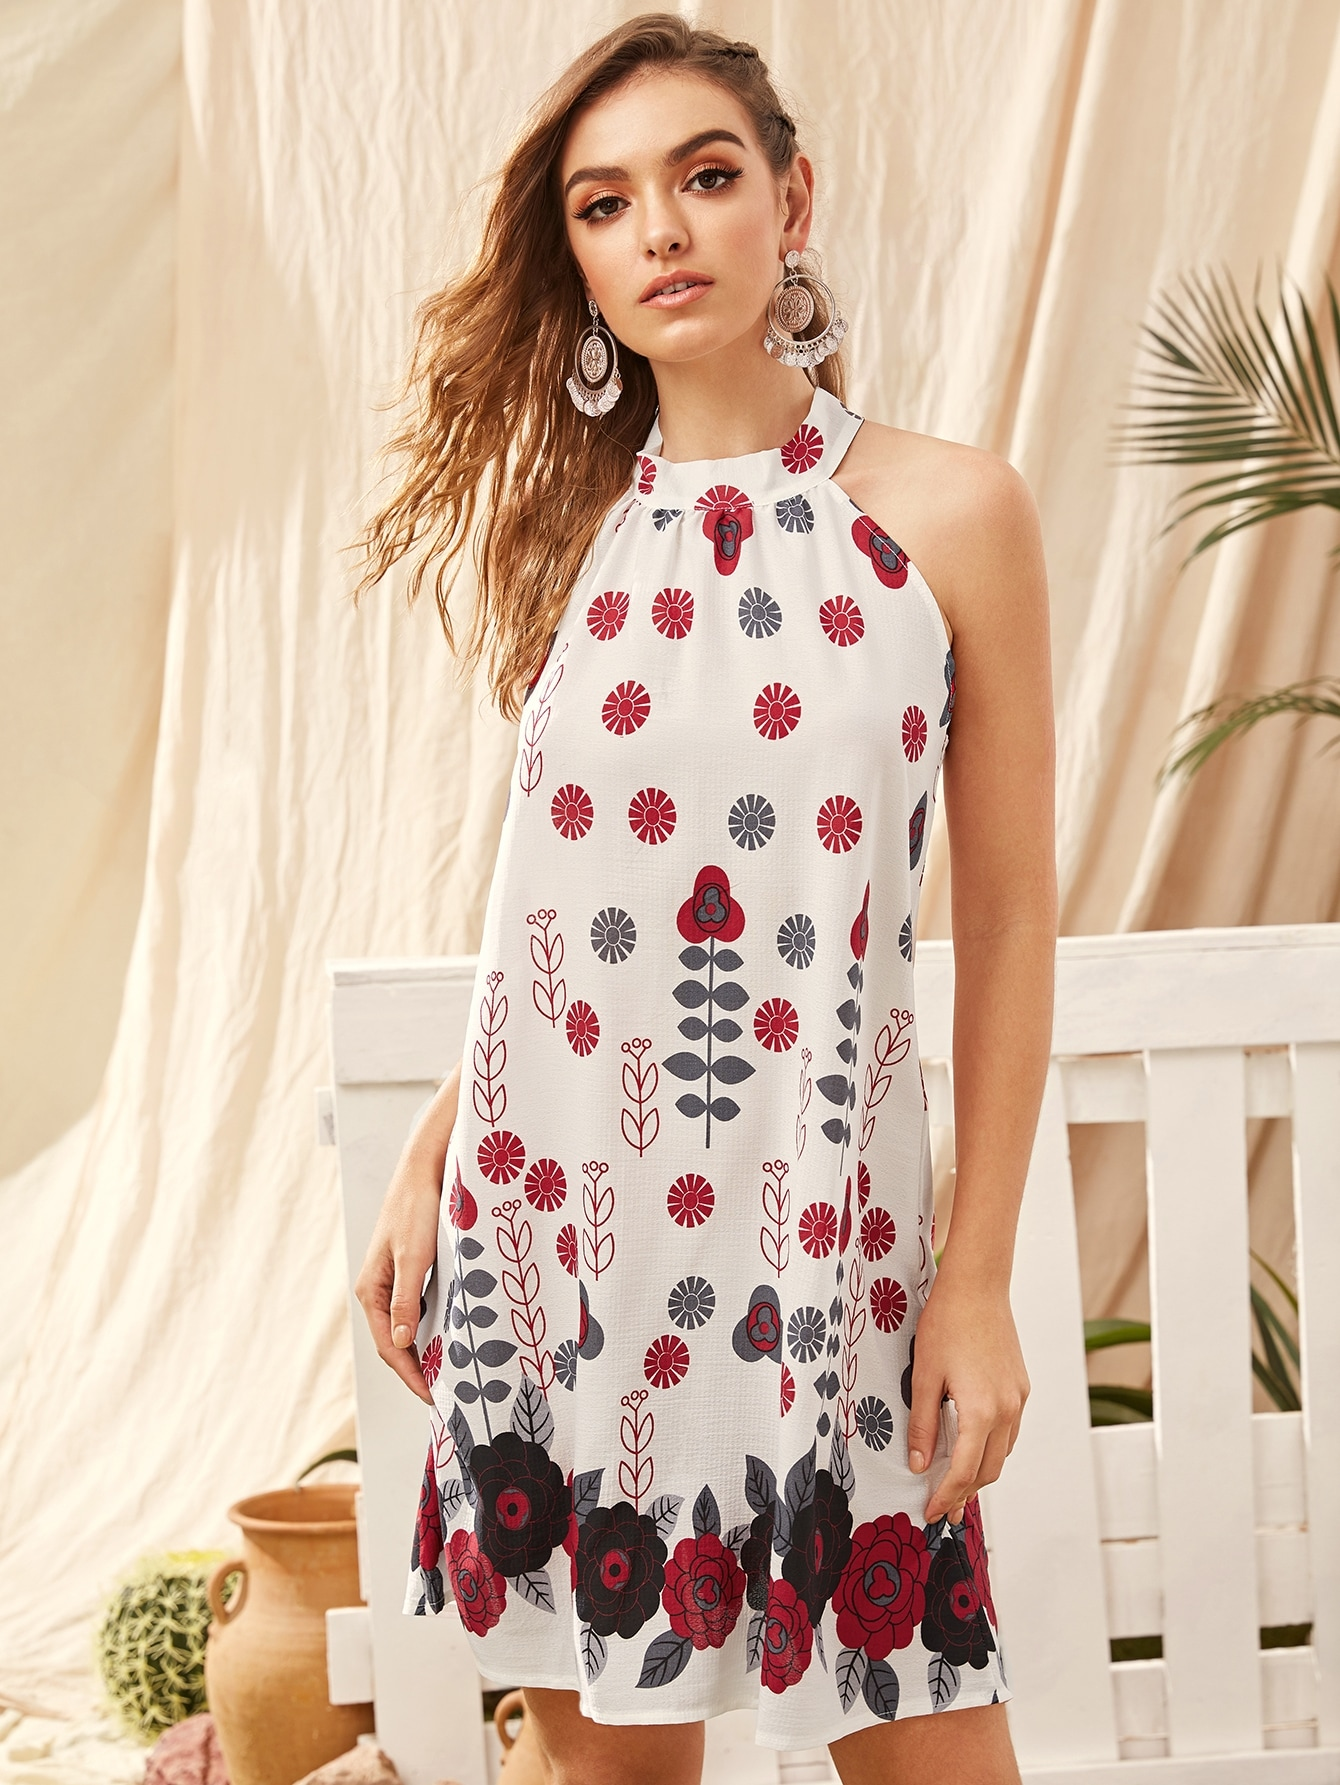 Kleid mit Blumen Muster, Band hinten und Neckholder | SHEIN